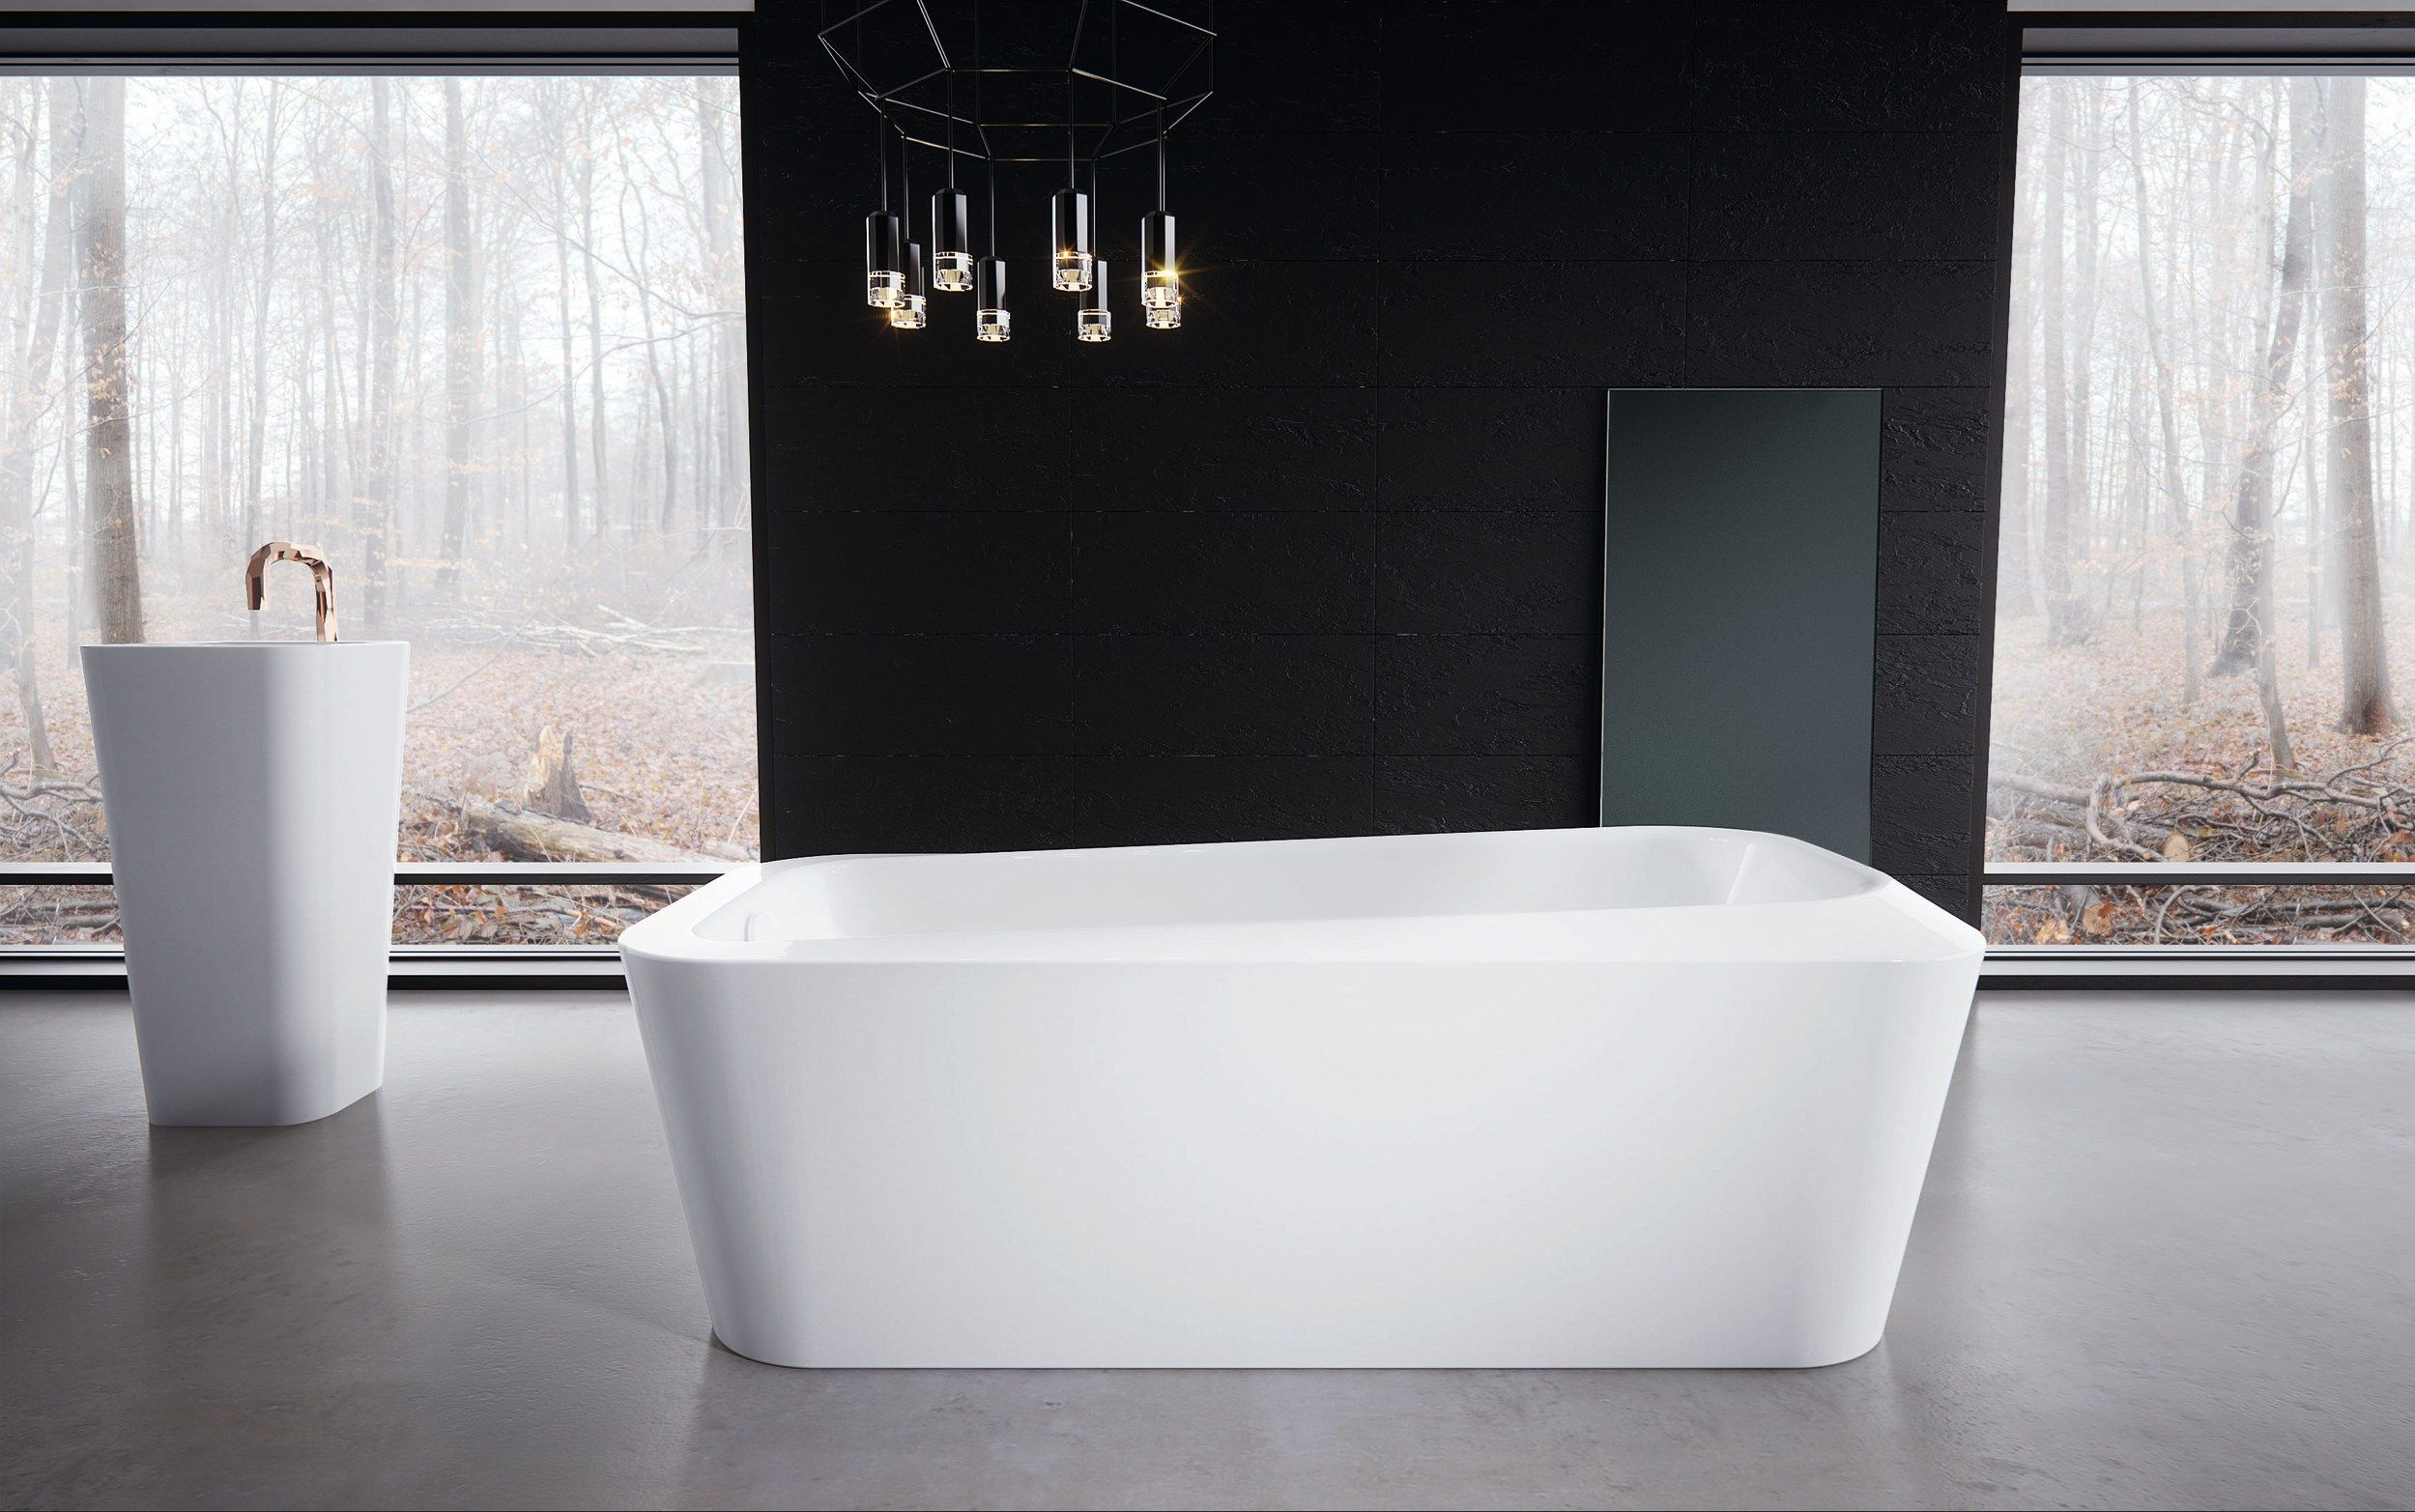 Vasca Da Bagno Kaldewei : Una vasca da bagno non serve solo per pulirsi relax by kaldewei